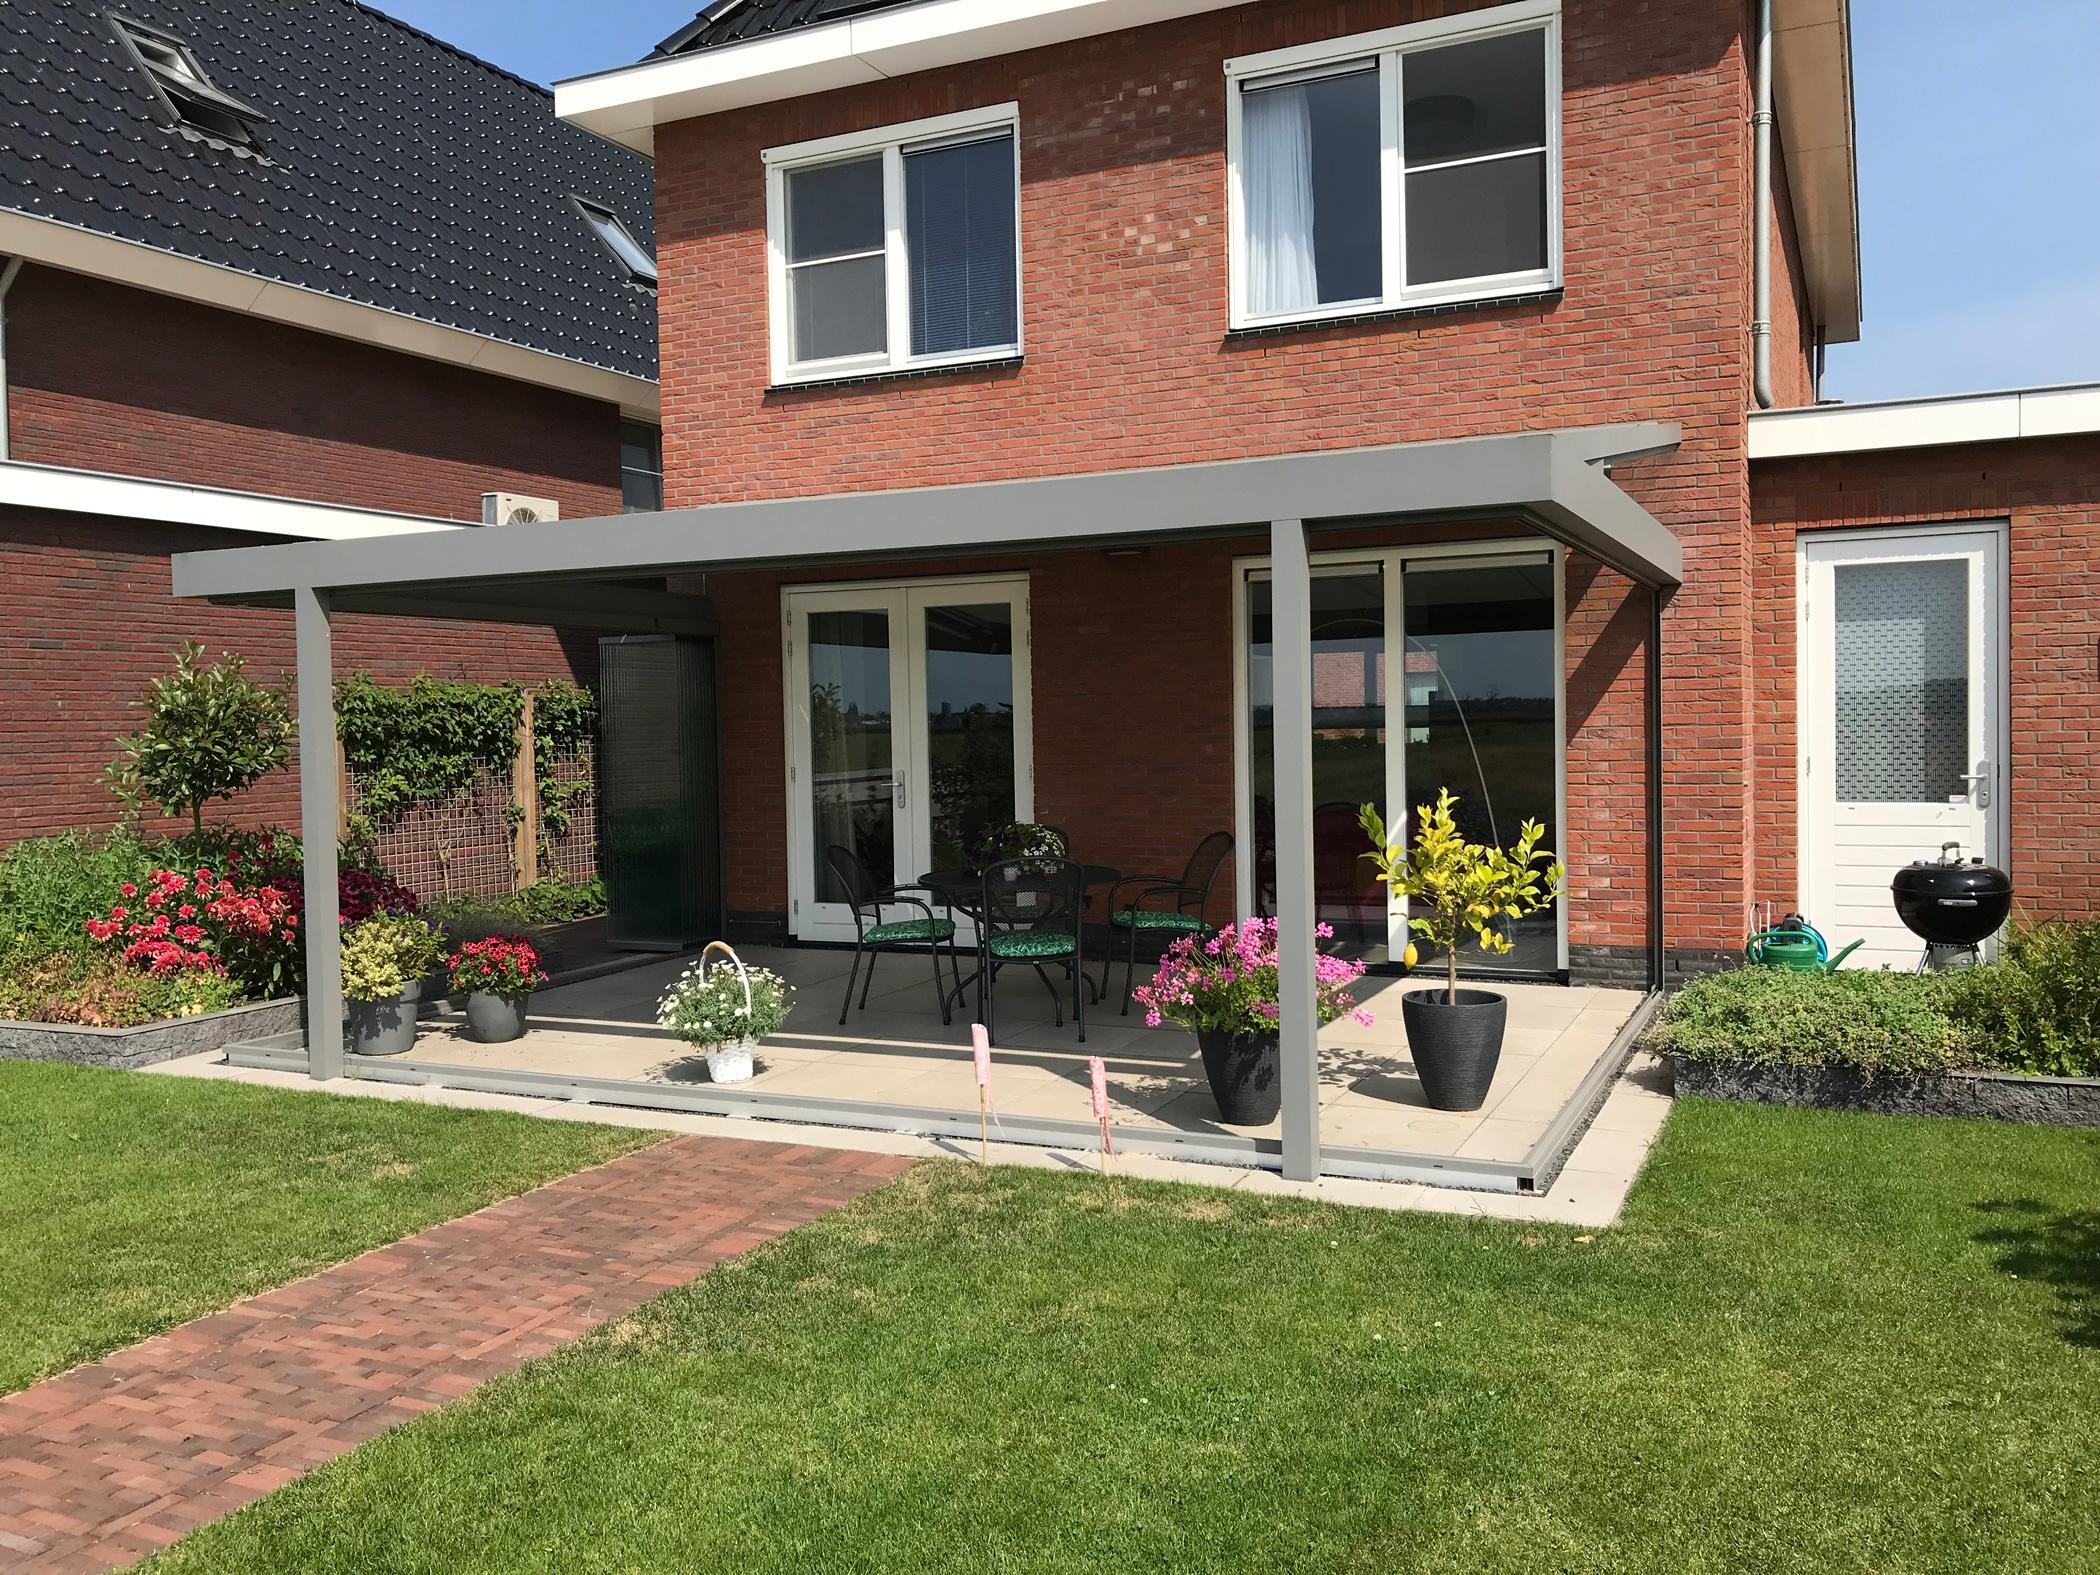 Terrassendächer mit Schiebe-Dreh-Wänden von Sunflex verkleiden